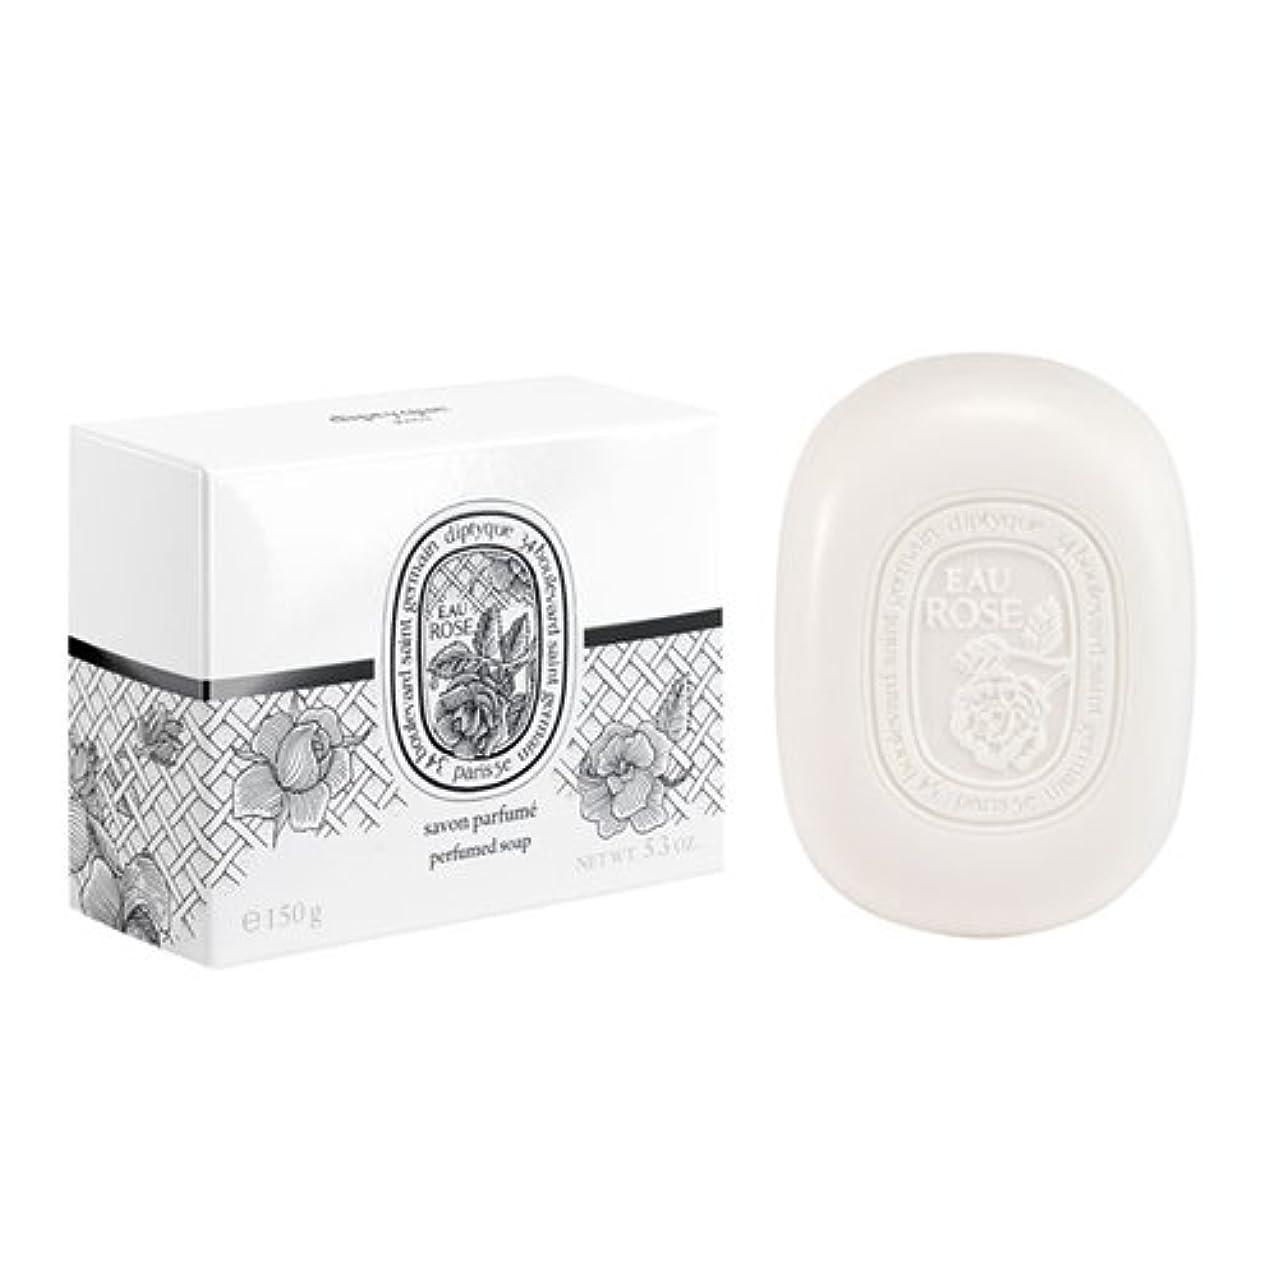 対応する調べる来てディプティック フレグランスソープ オーローズ 150g DIPTYQUE EAU ROSE SOAP [並行輸入品]